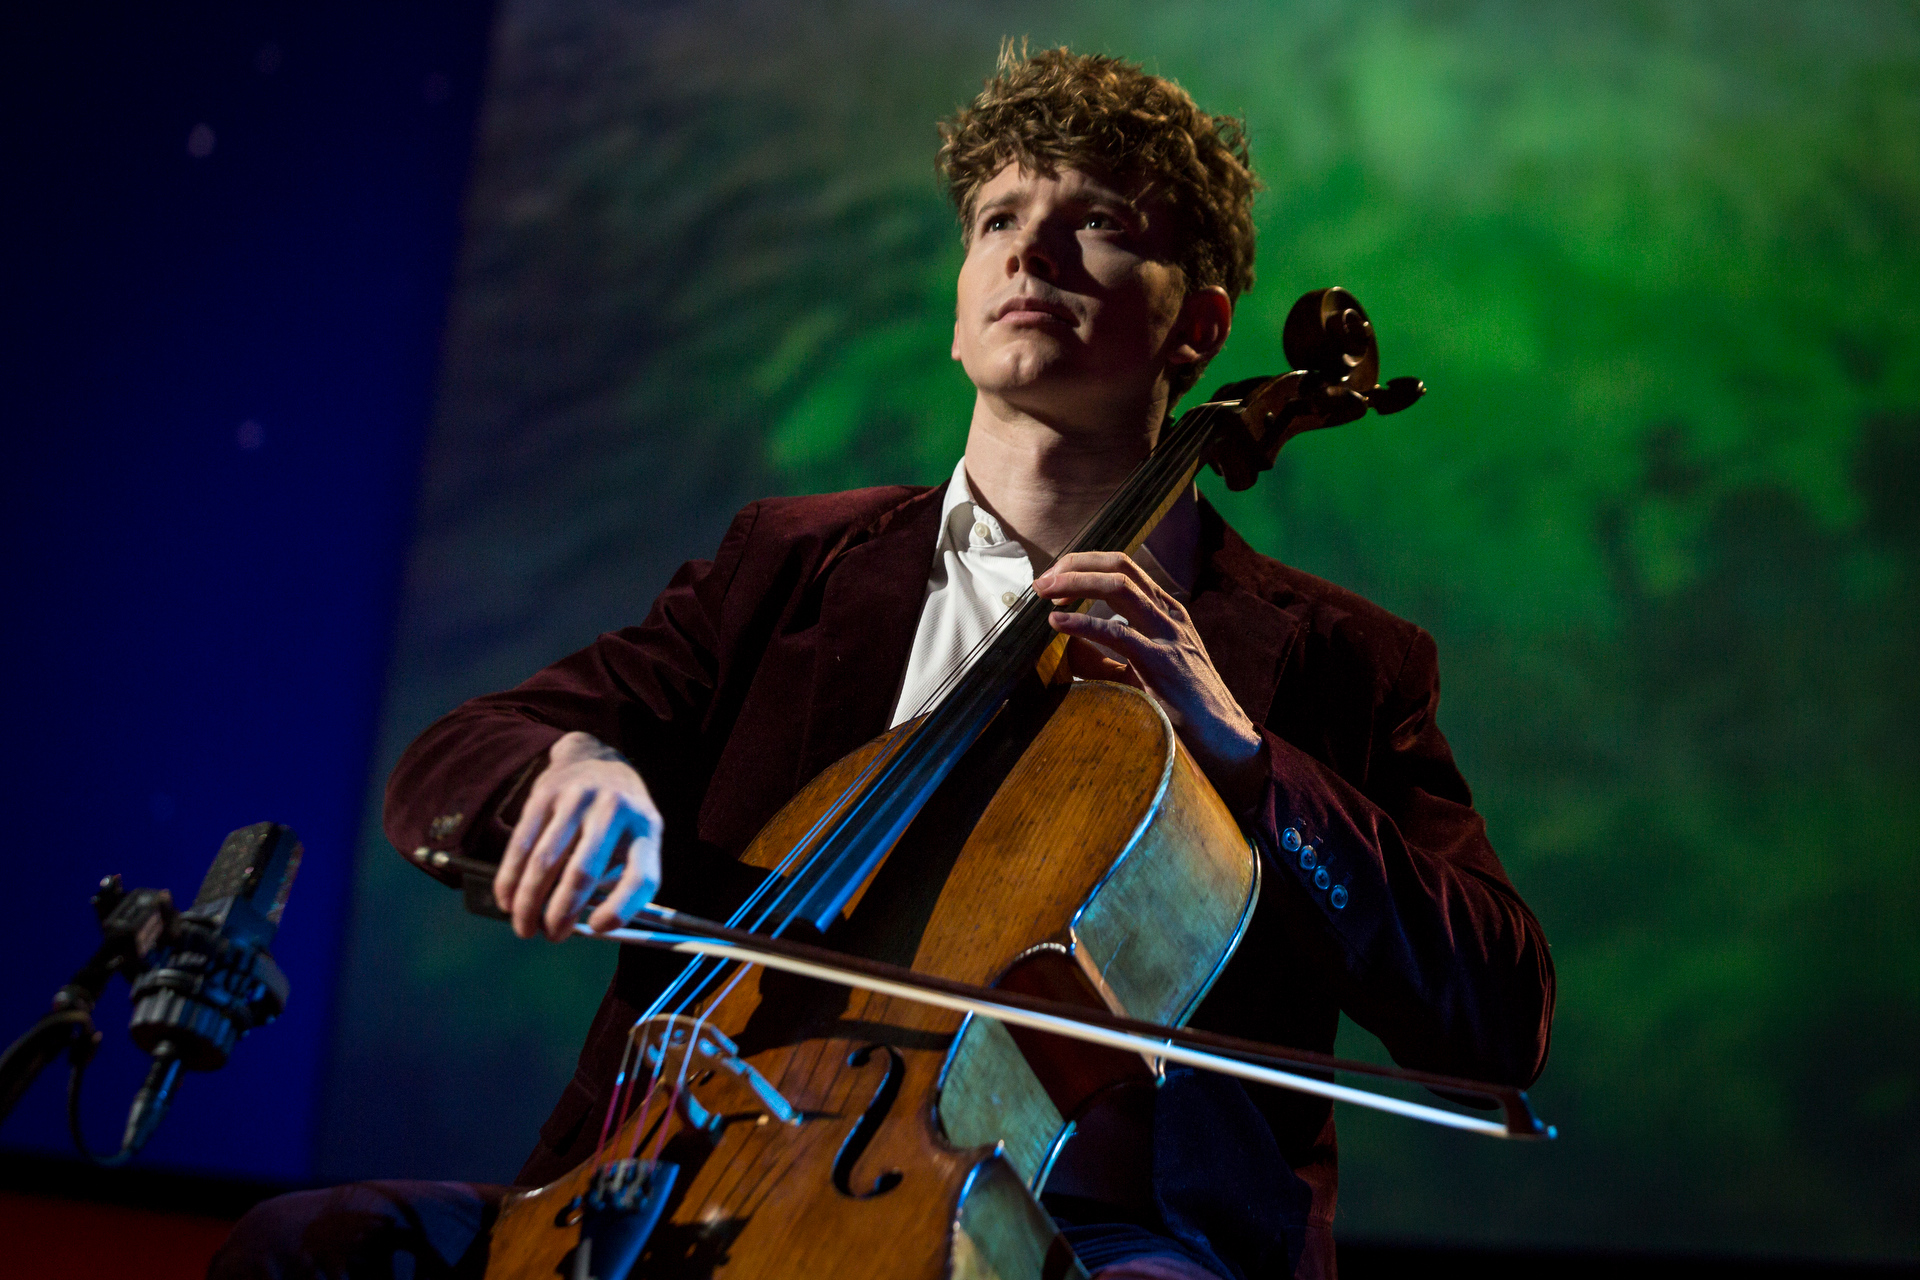 TED Fellow Joshua Roman on his cello. Photo: Bret Hartman/TED